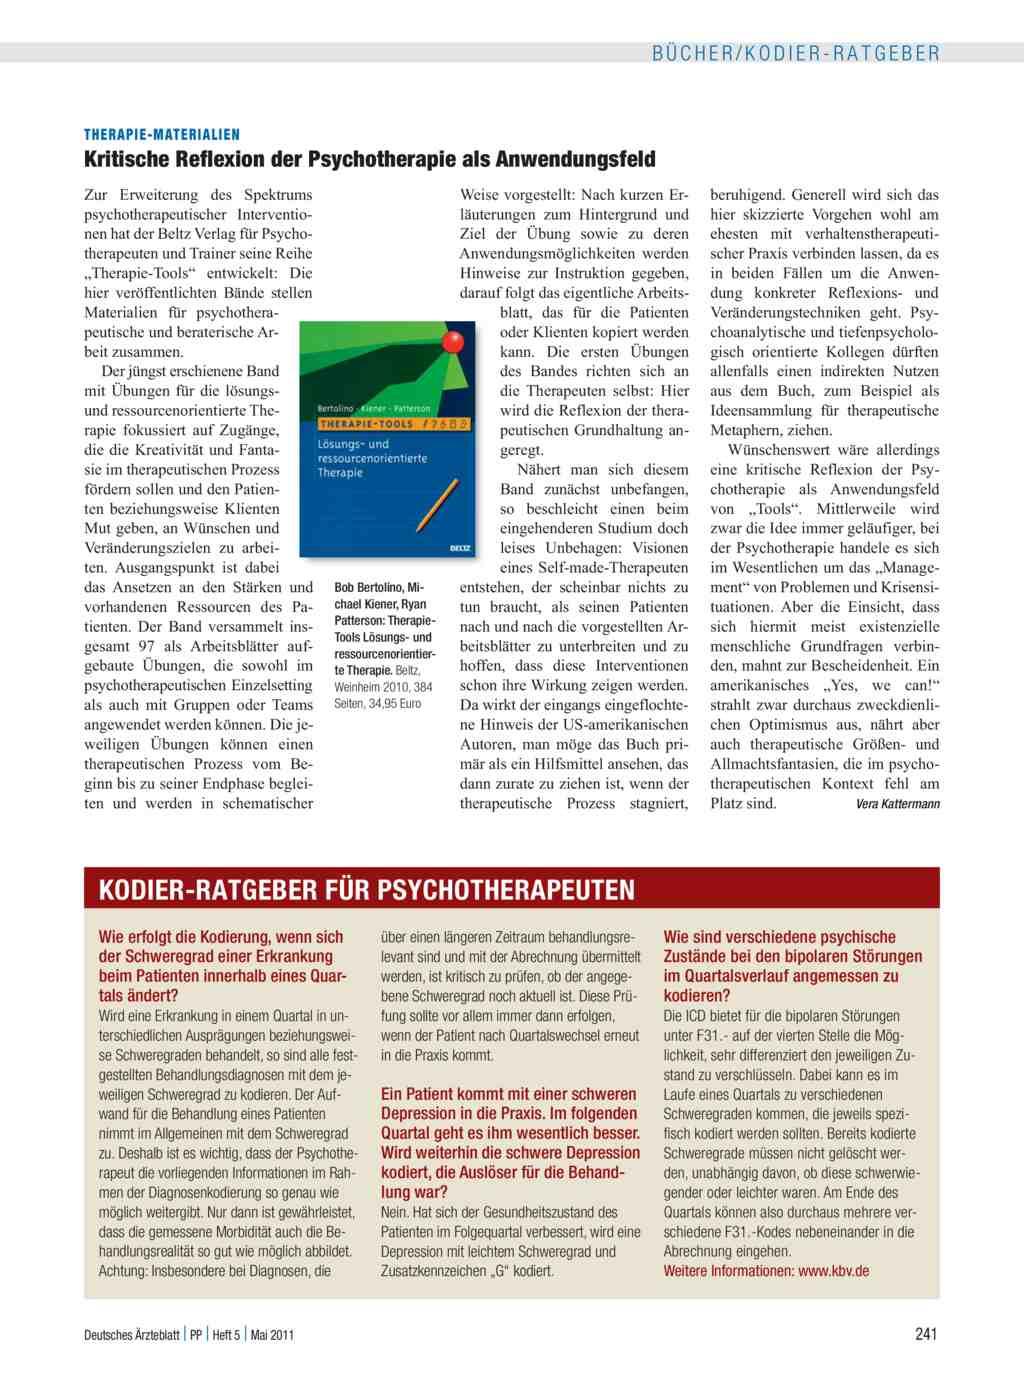 therapie-Materialien: Kritische Reflexion der Psychotherapie als ...